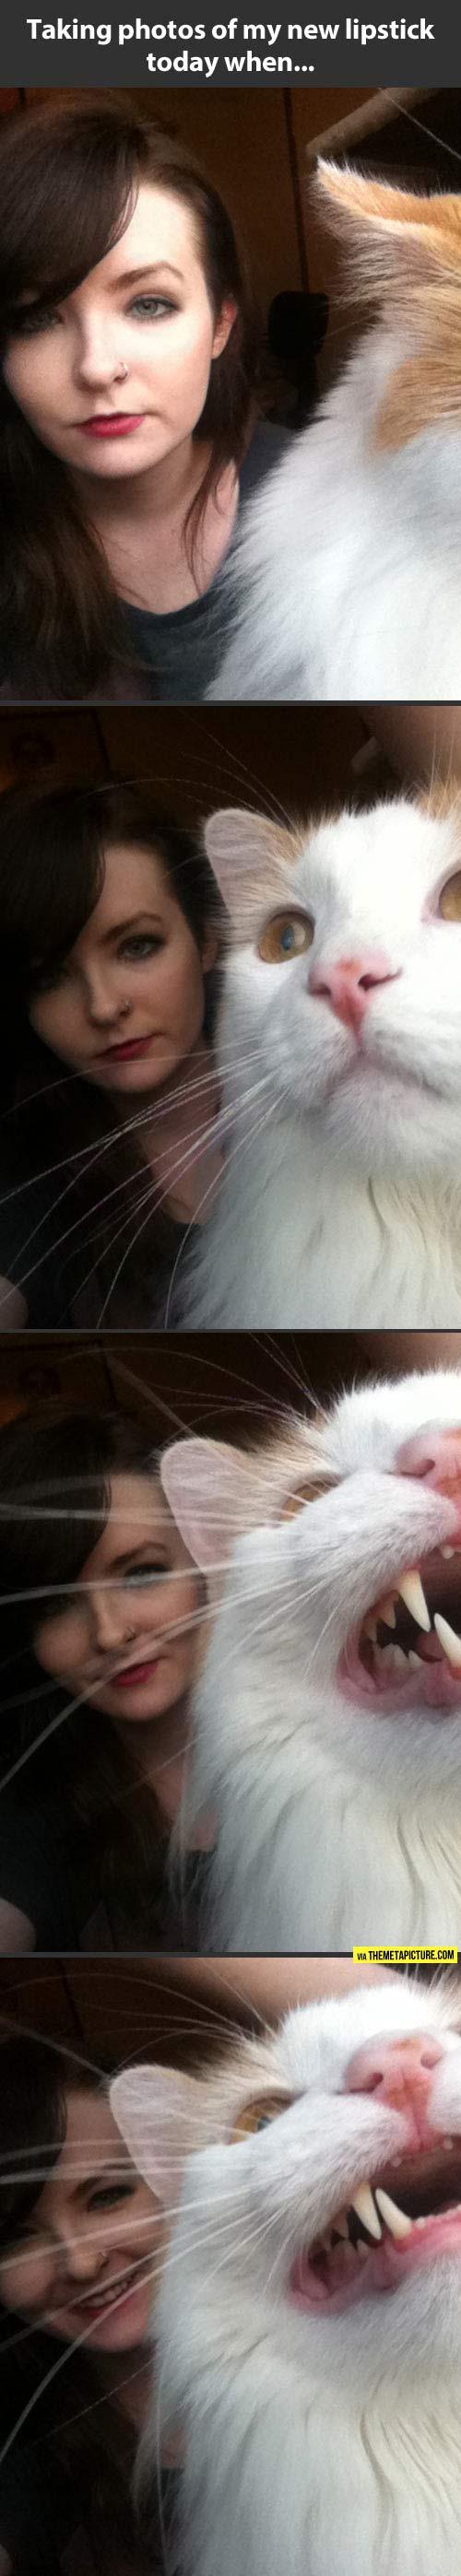 Unexpected feline companion photobomb…